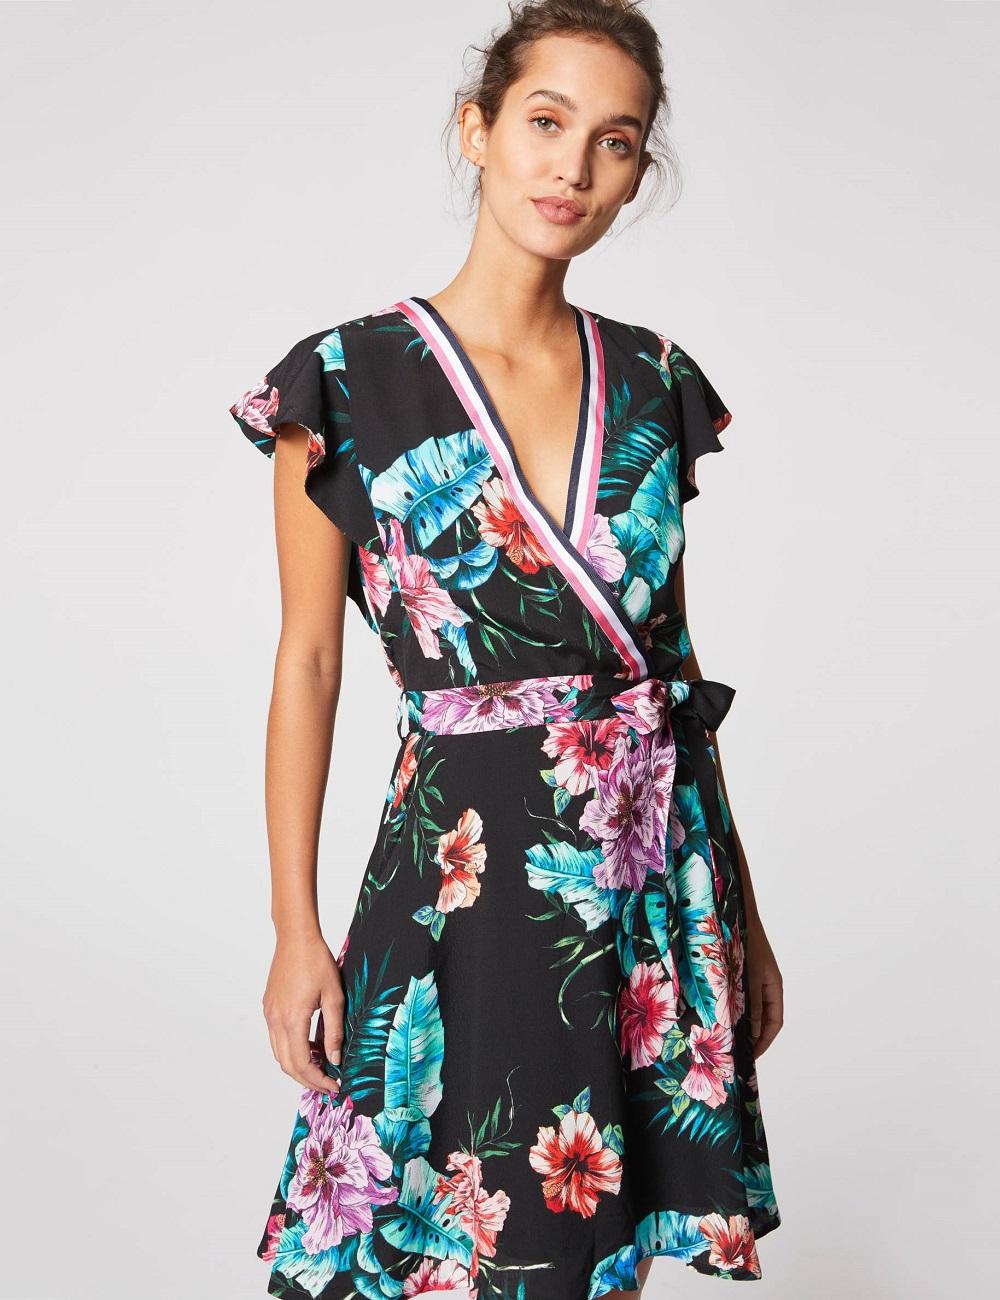 88d0080ac51 Robe portefeuille à motif floral Noir Morgan - Robe Morgan - Iziva.com